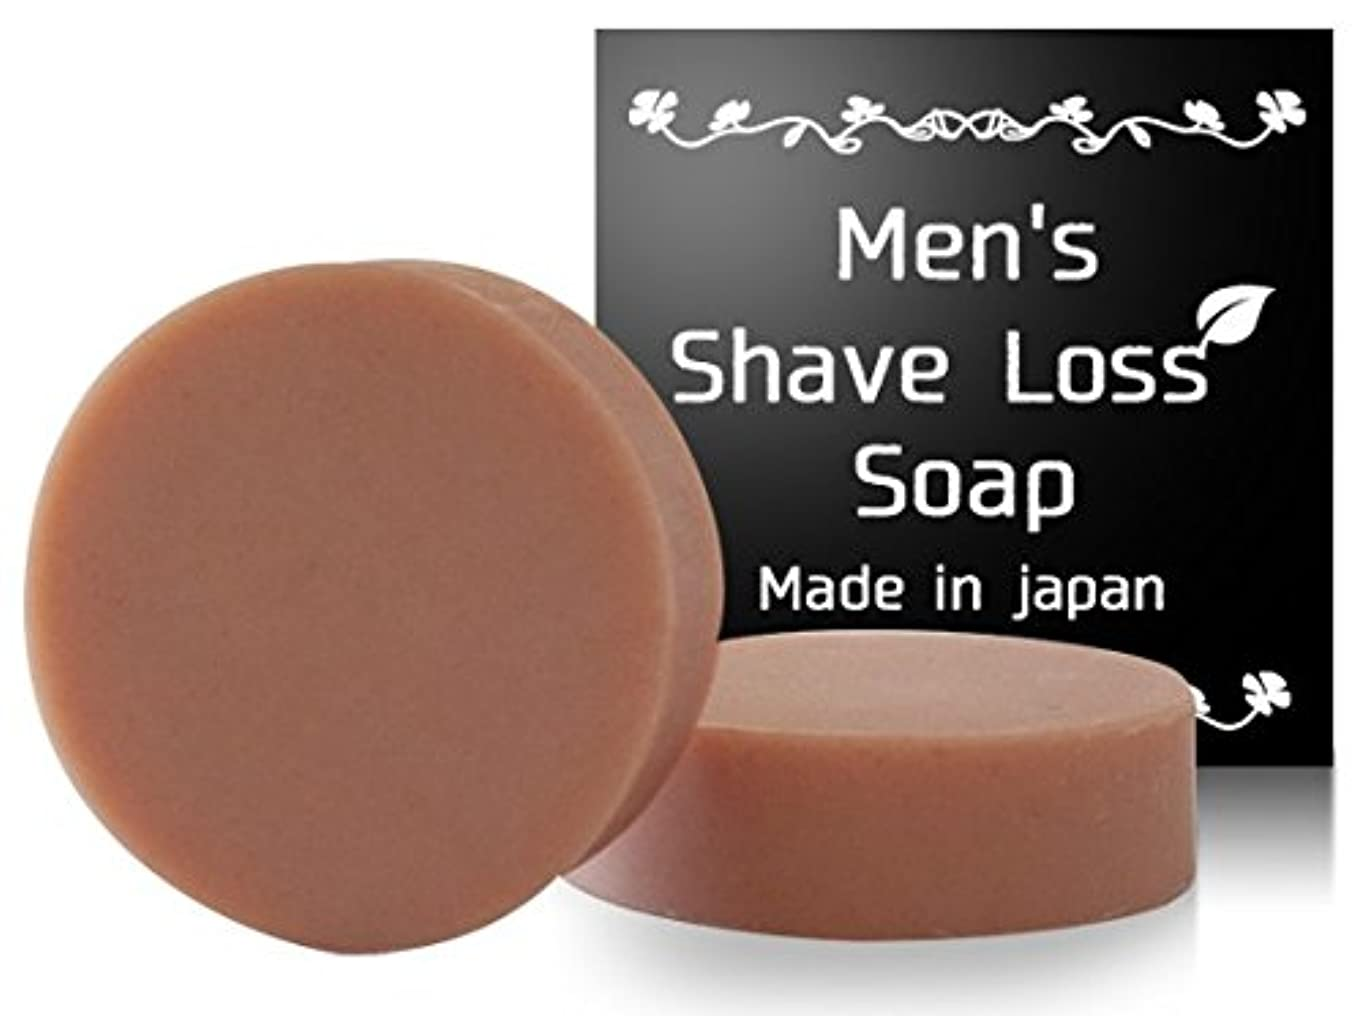 可愛いどこにも離れてMens Shave Loss Soap シェーブロス 剛毛は嫌!ツルツル過ぎも嫌! そんな夢を叶えた奇跡の石鹸! 【男性専用】(1個)